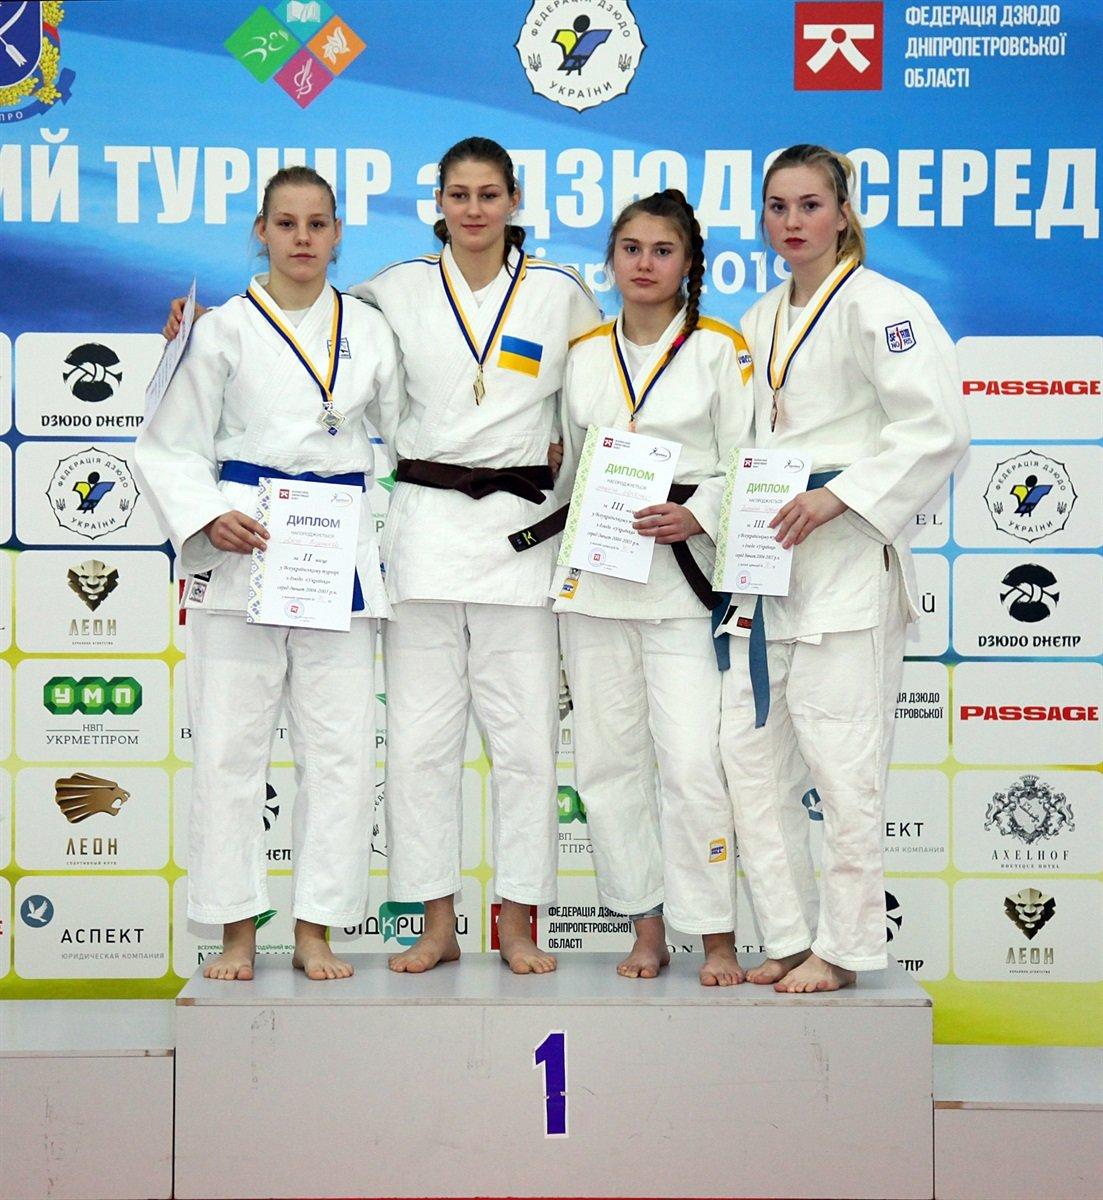 Днепровские юные спортсменки завоевали семь наград на Всеукраинском турнире по дзюдо, - ФОТО, фото-2